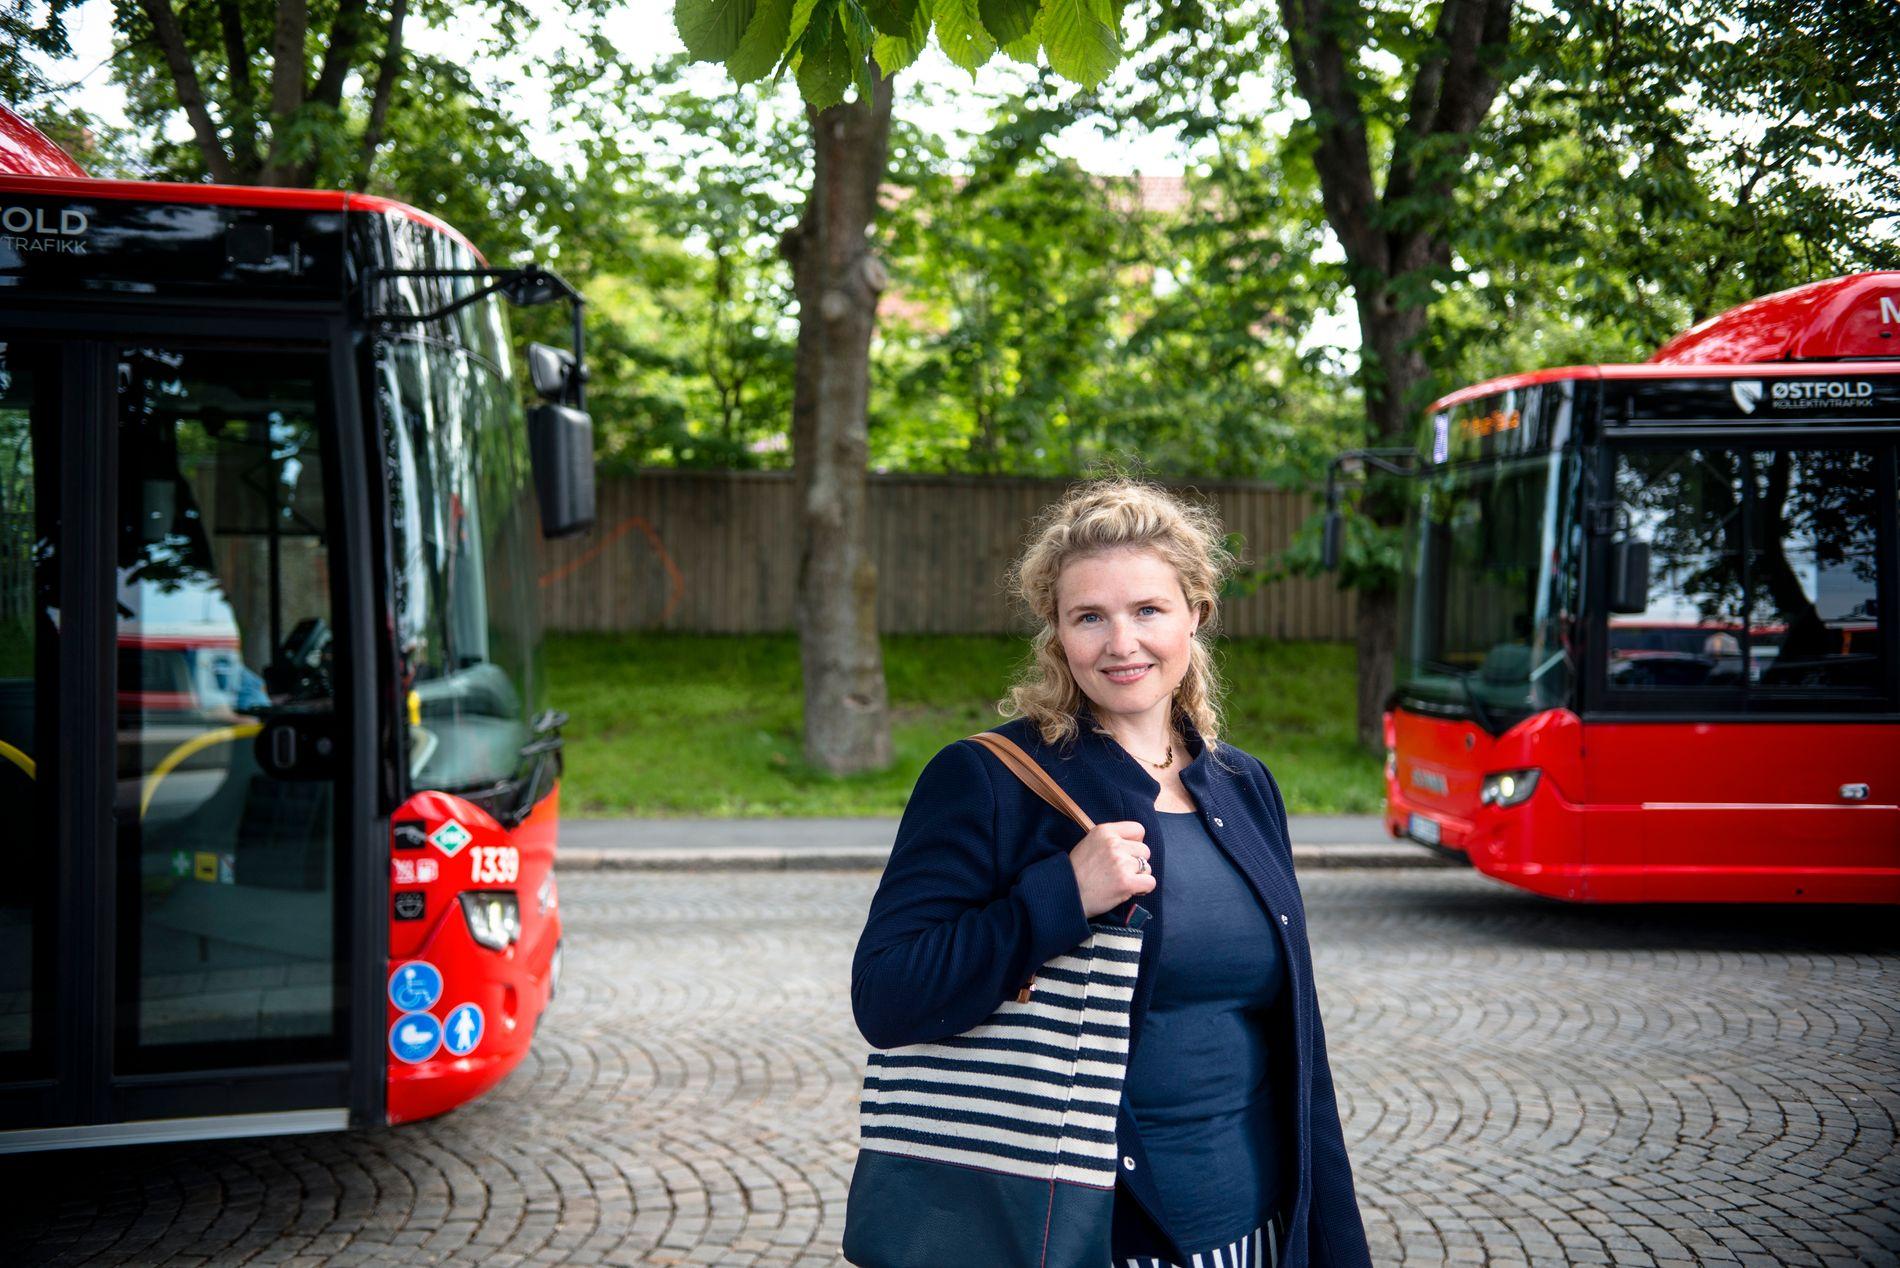 PENDLER: Kari Jenseg jobber som lærer i Oslo tre ganger i uken og håper det utvidede busstilbudet vil bedre hverdagslogistikken.